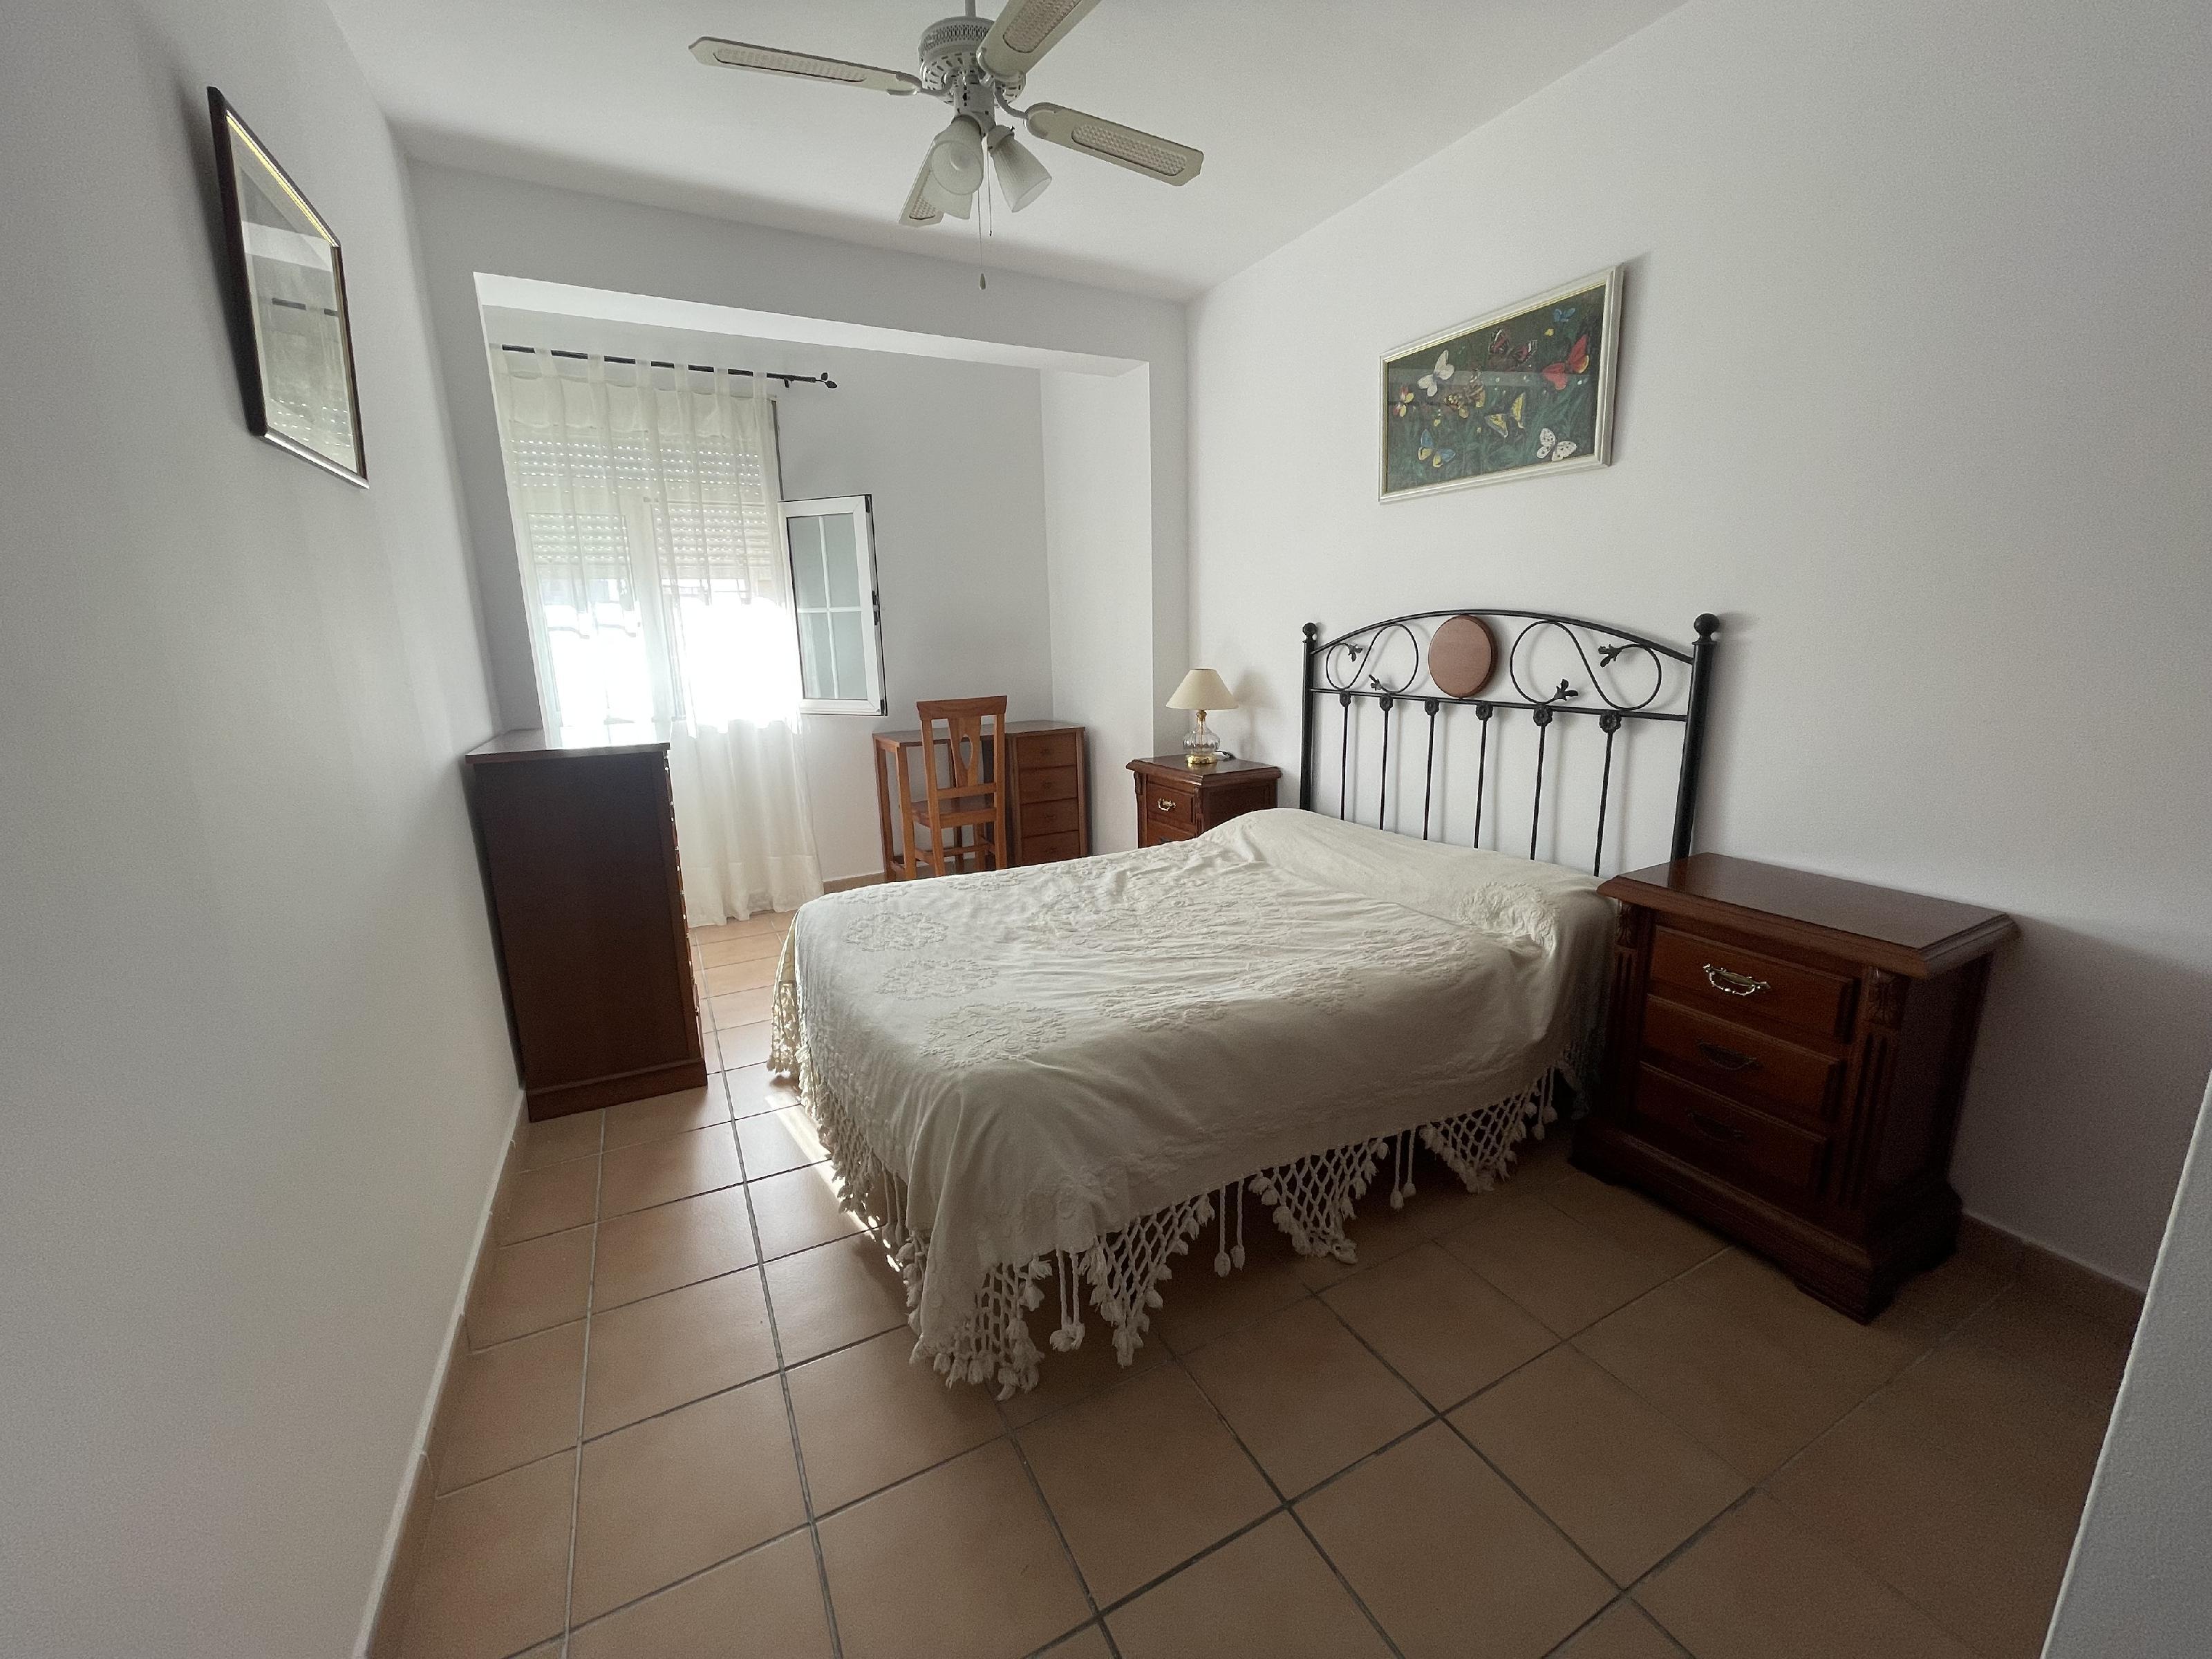 Imagen 2 Apartamento en venta en Línea De La Concepción La / Zona centro ciudad